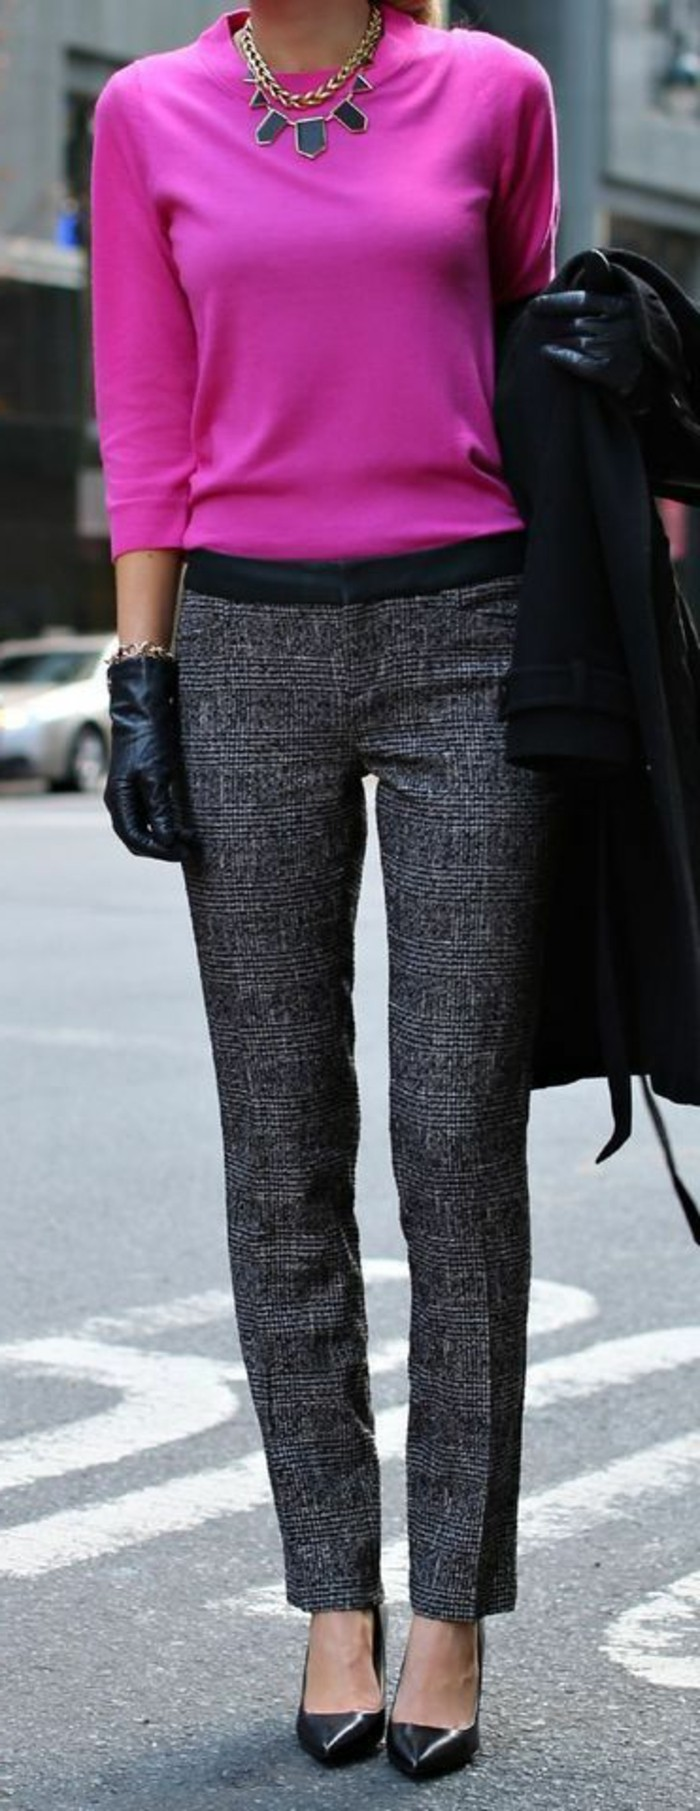 4-business-kleider-rosa-bluse-mit-graue-hose-schwarzer-mantel-schwarze-schuhe-schone-interessante-halskette